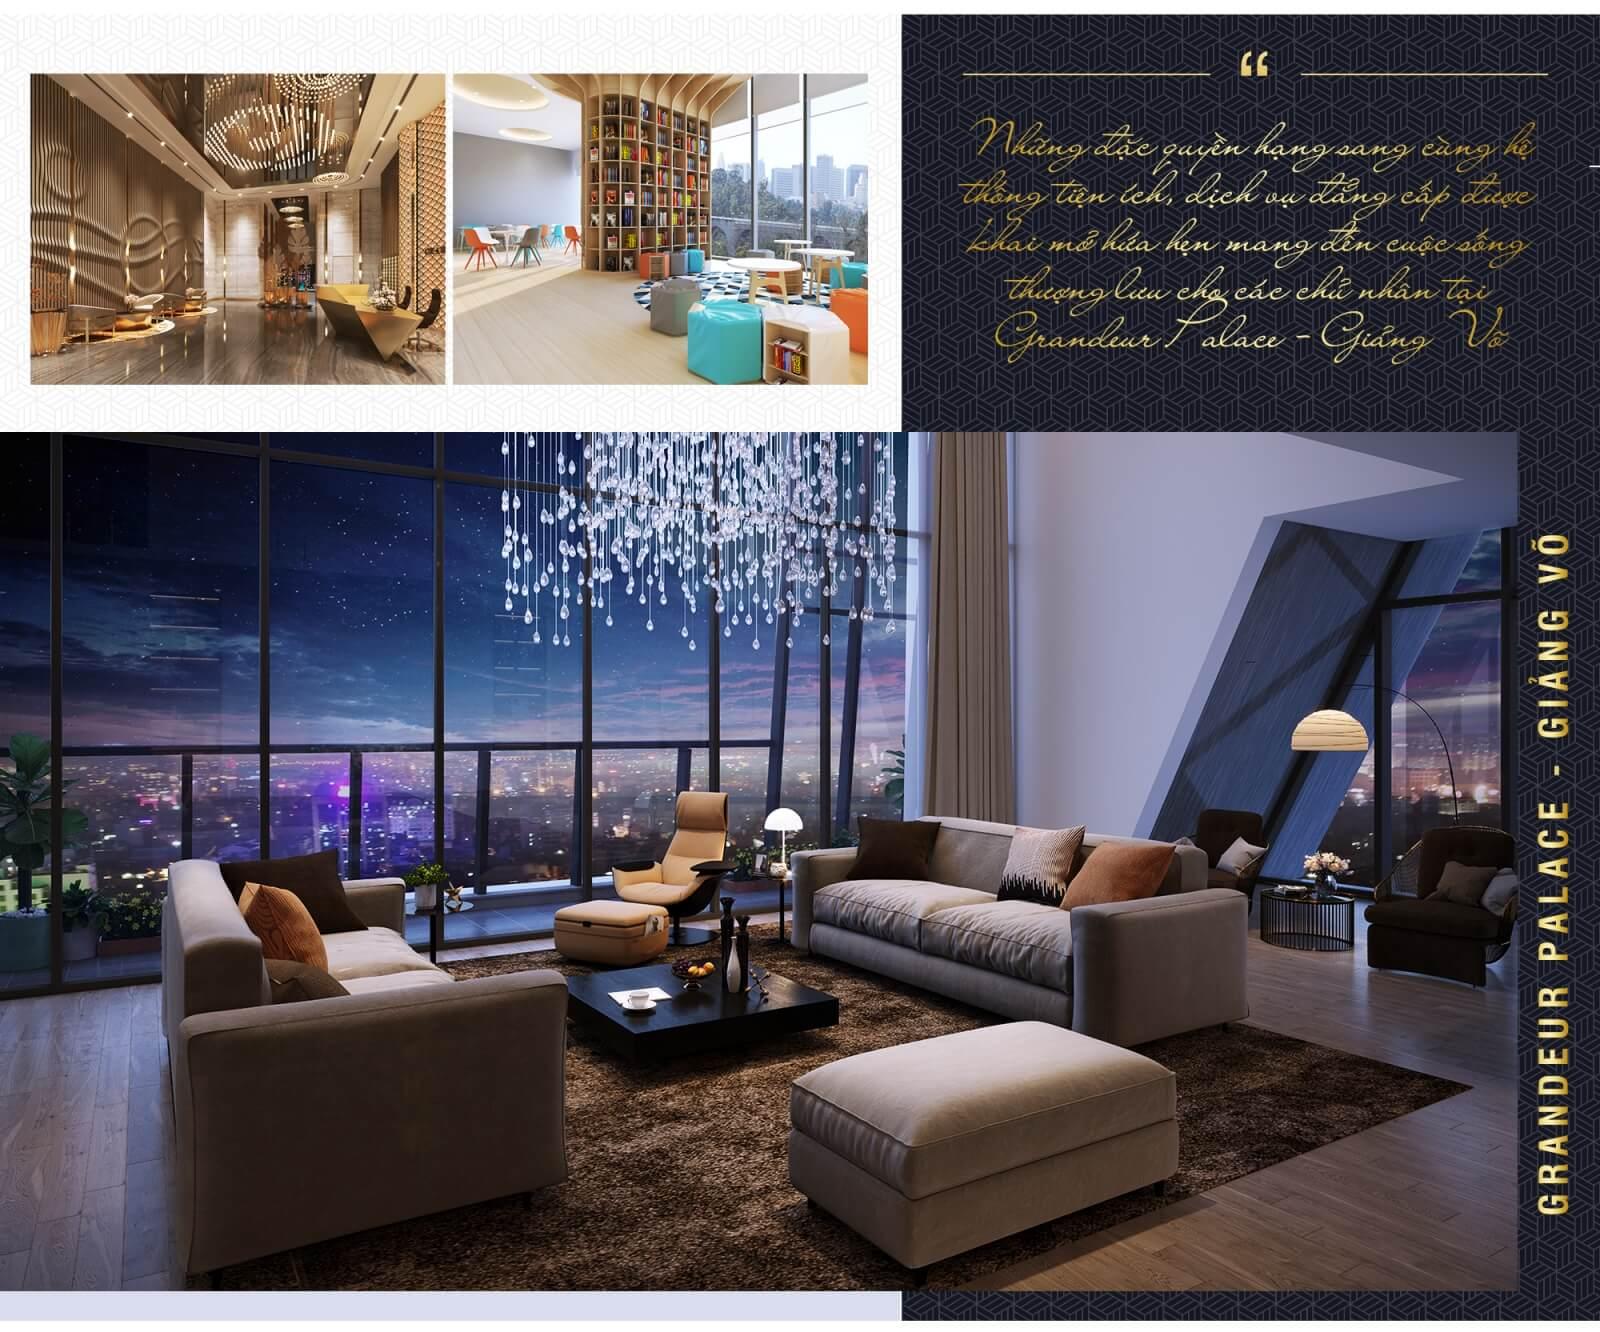 Đặc quyền sở hữu căn hộ Grandeur Palace Giảng Võ